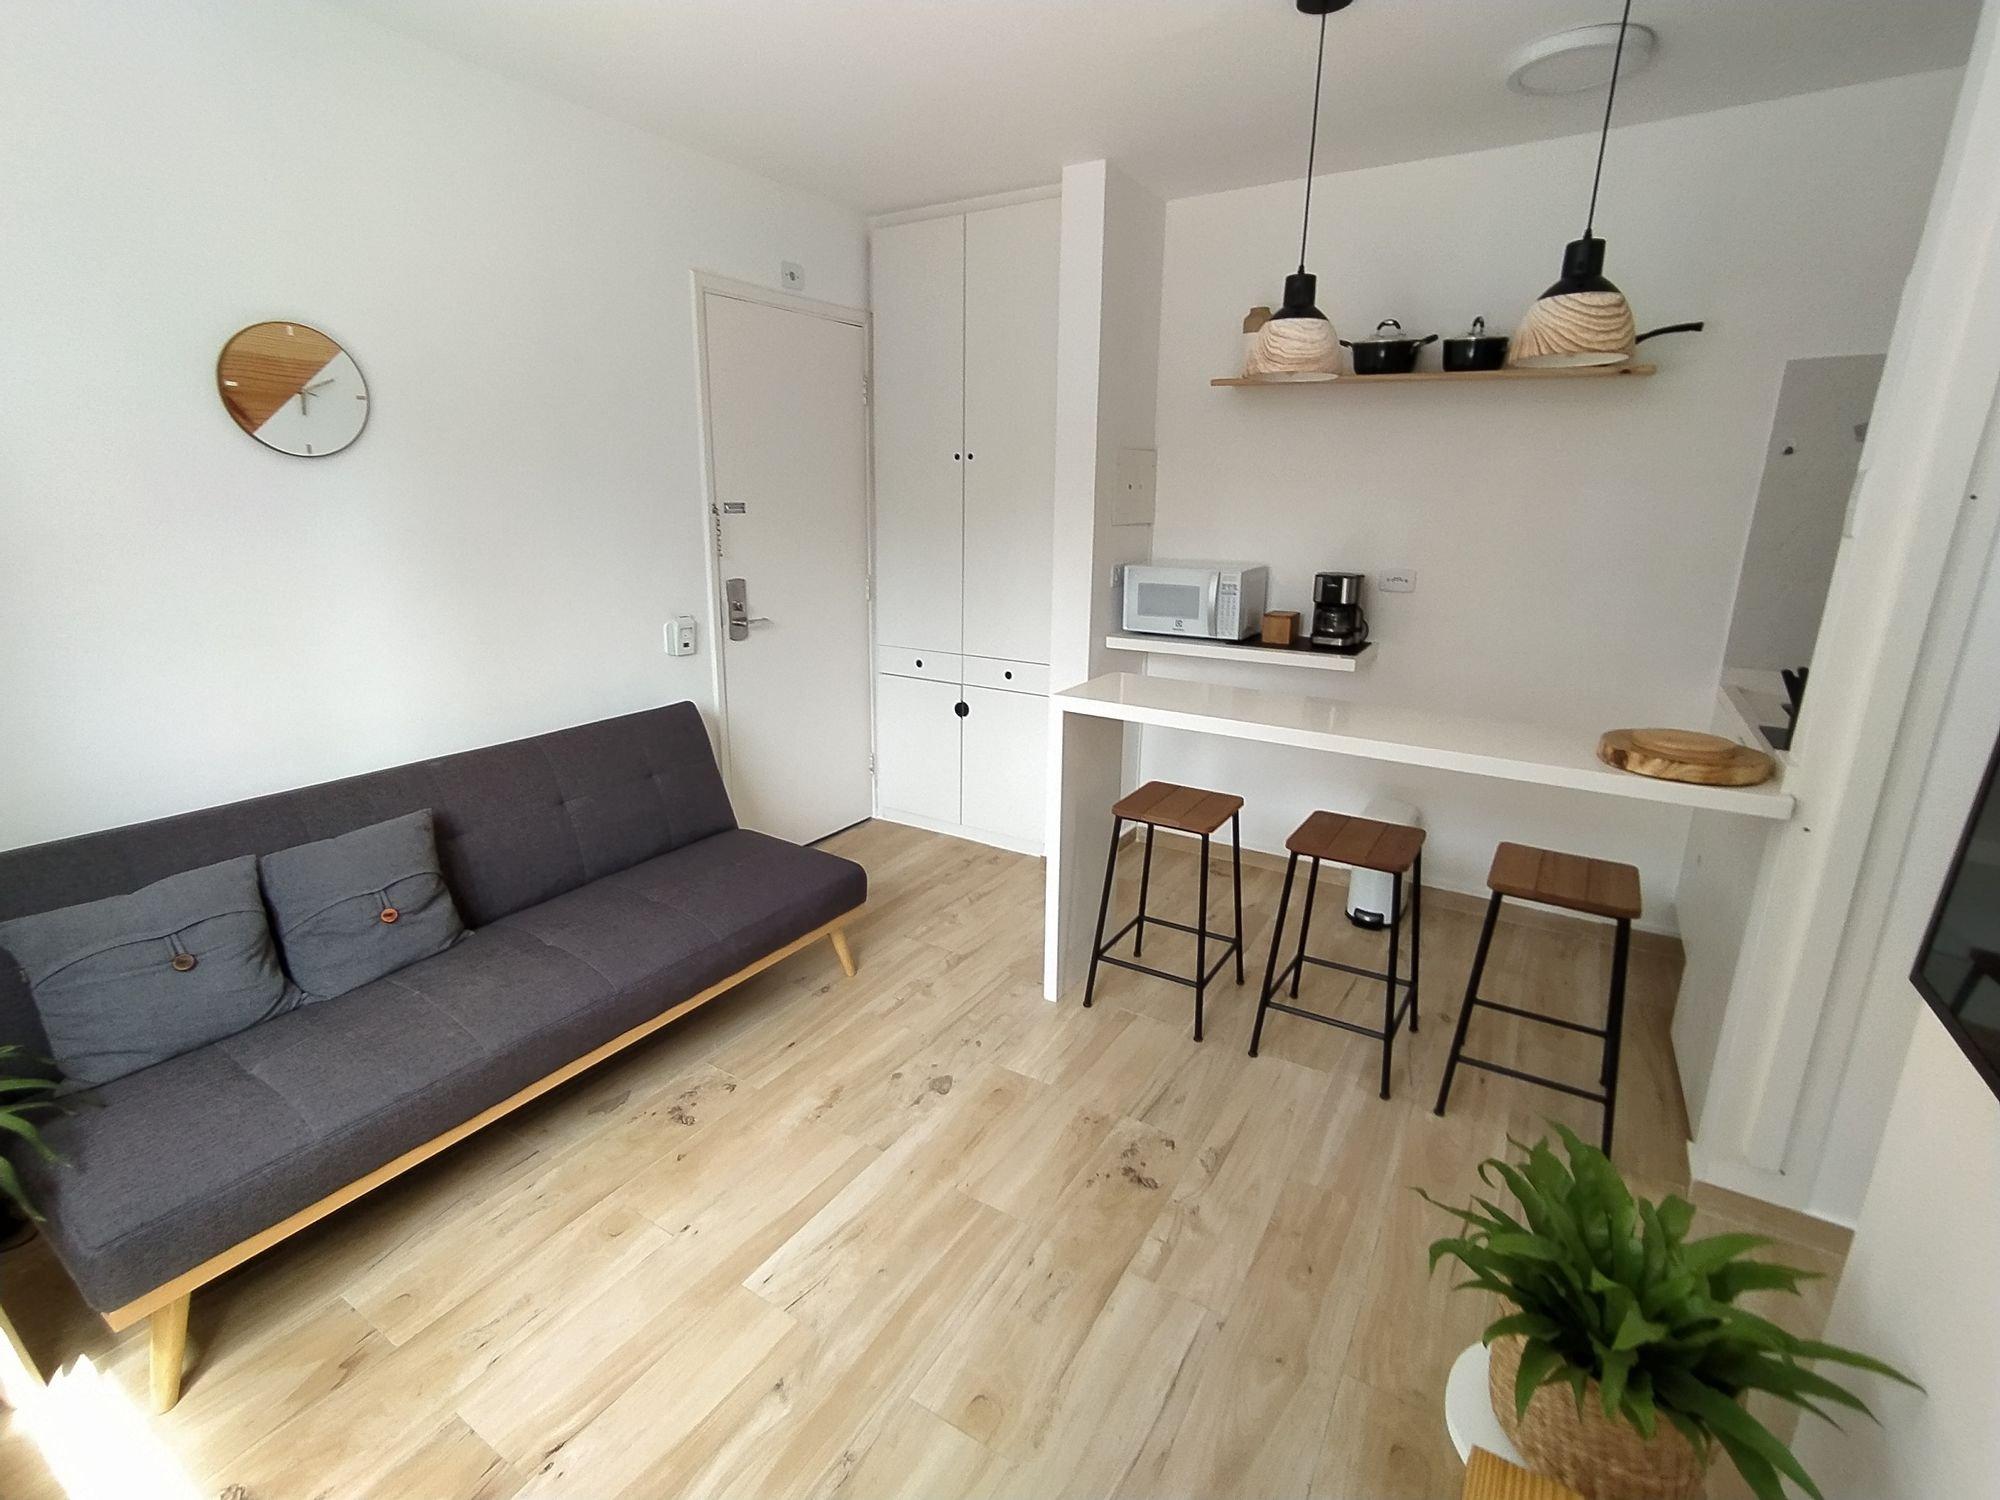 Foto de Sala com vaso de planta, sofá, relógio, cadeira